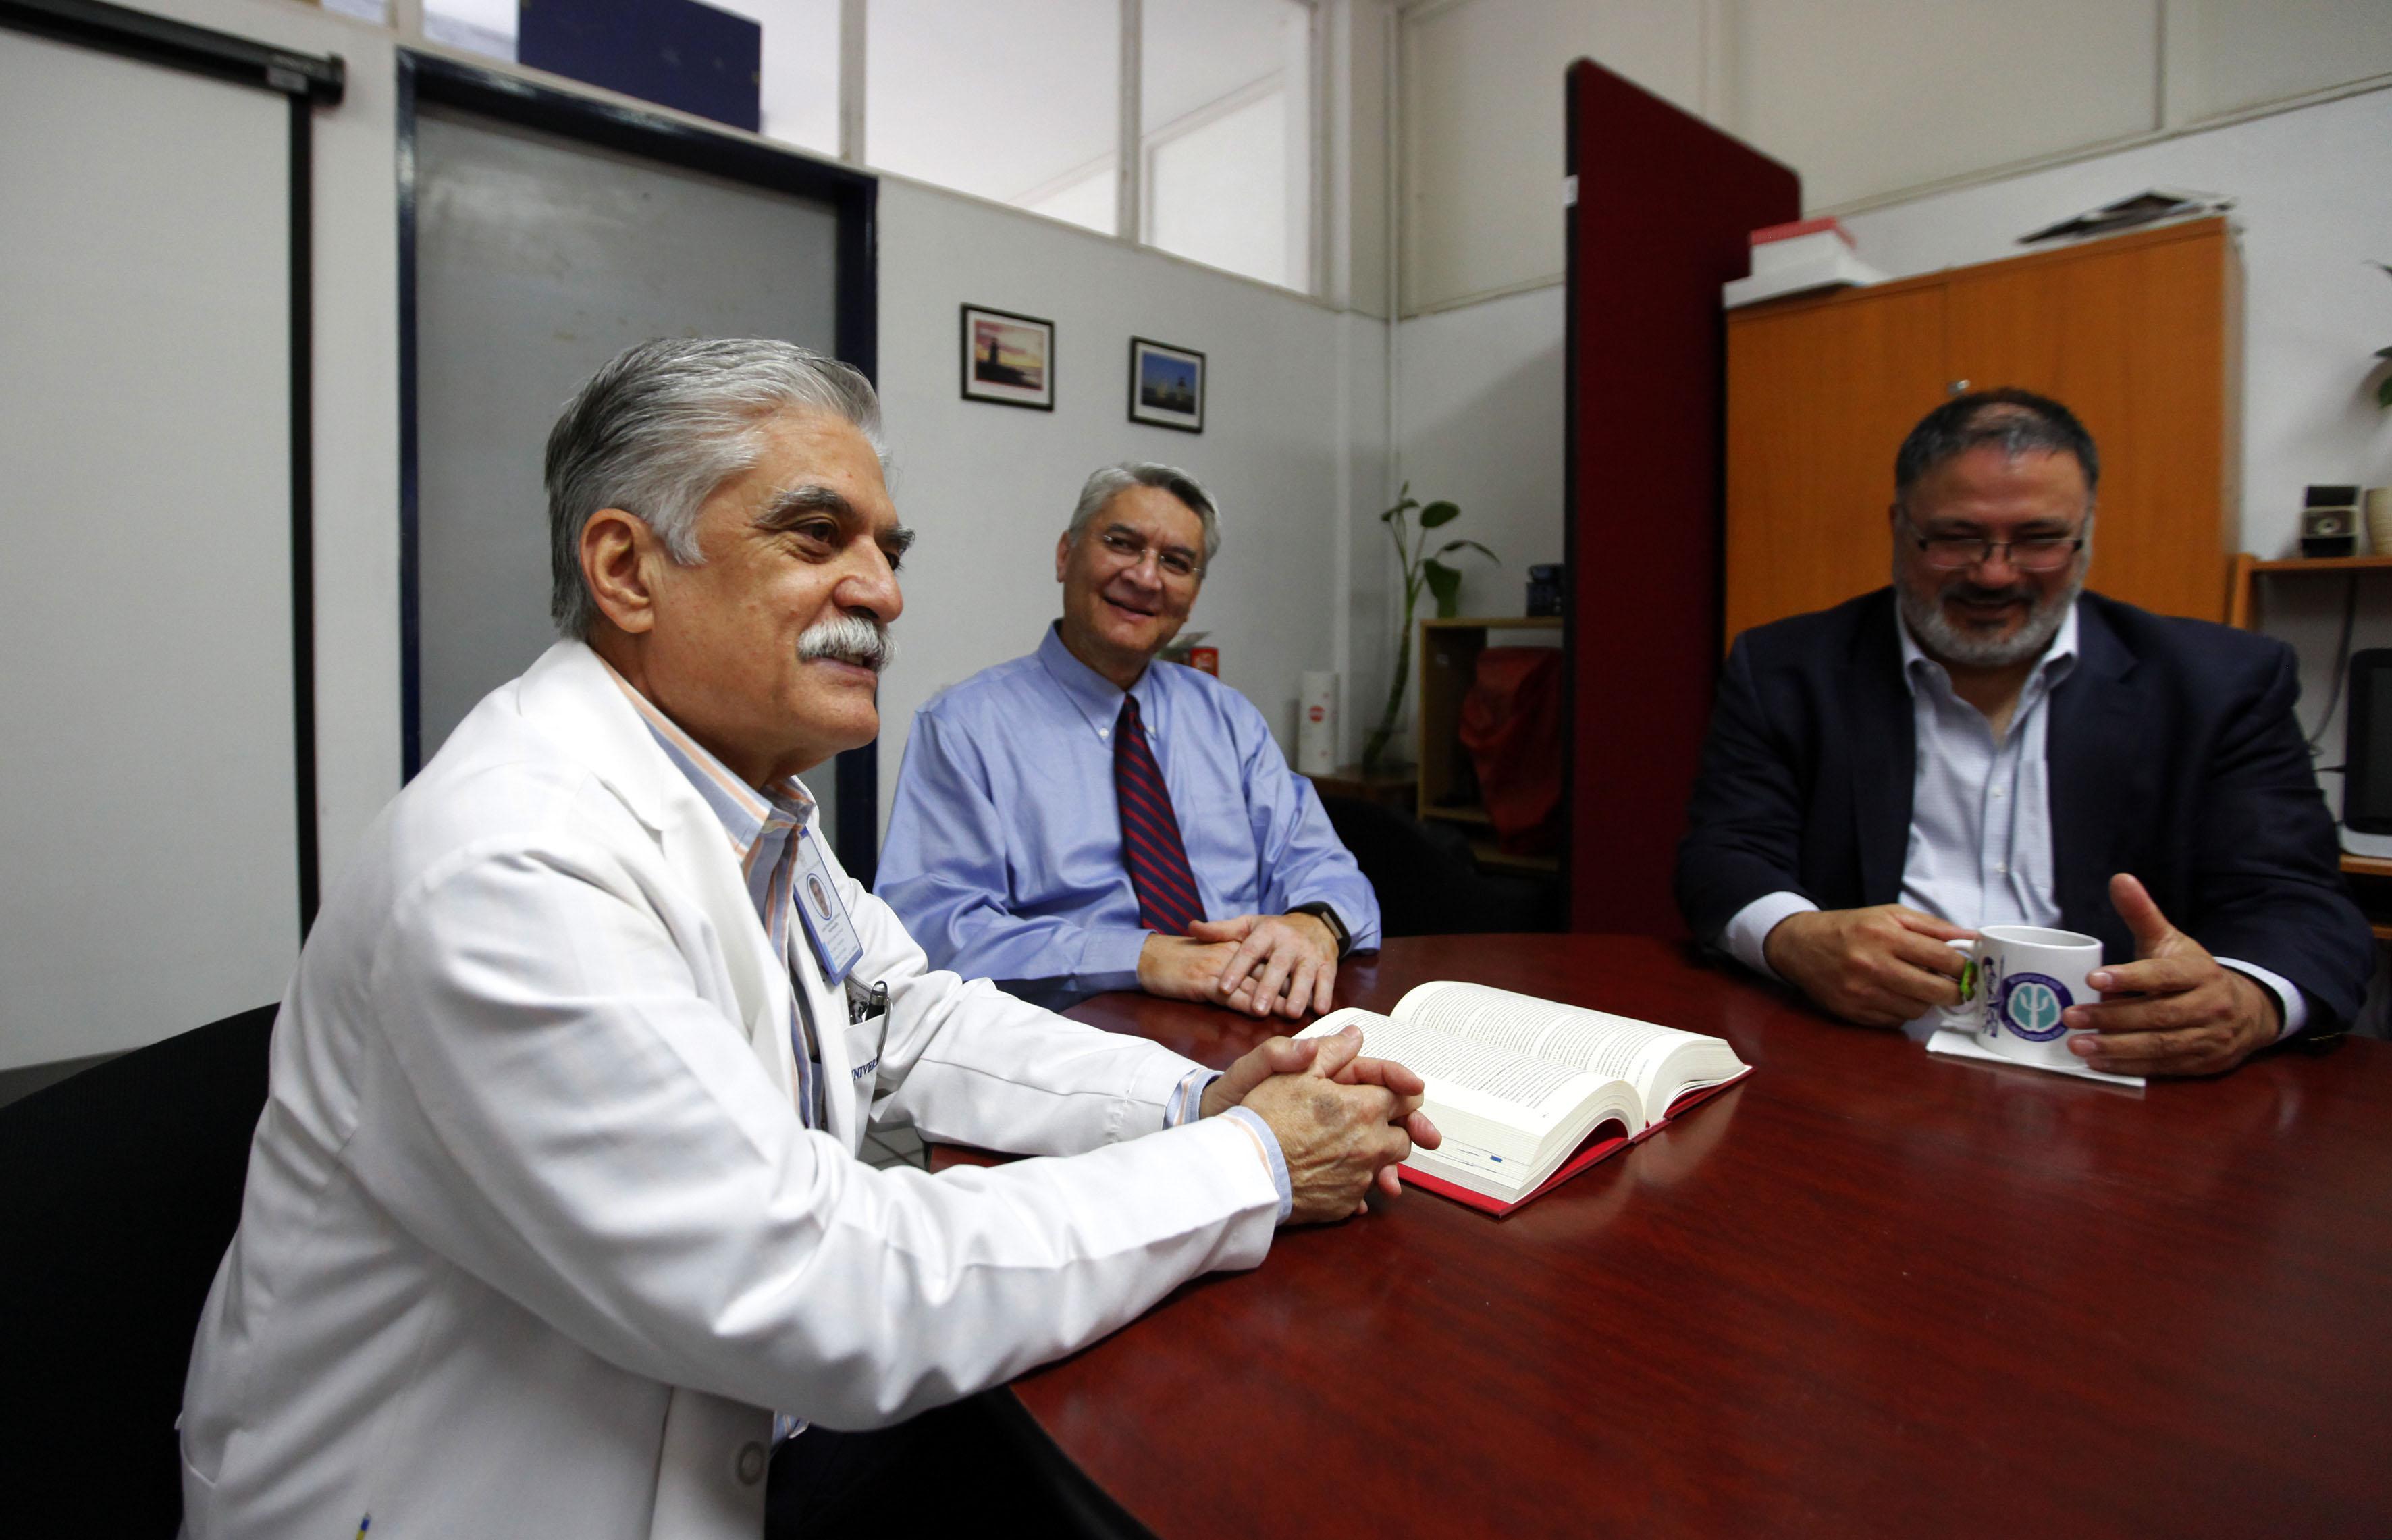 Entrevistados y directores del libro, foto grupal